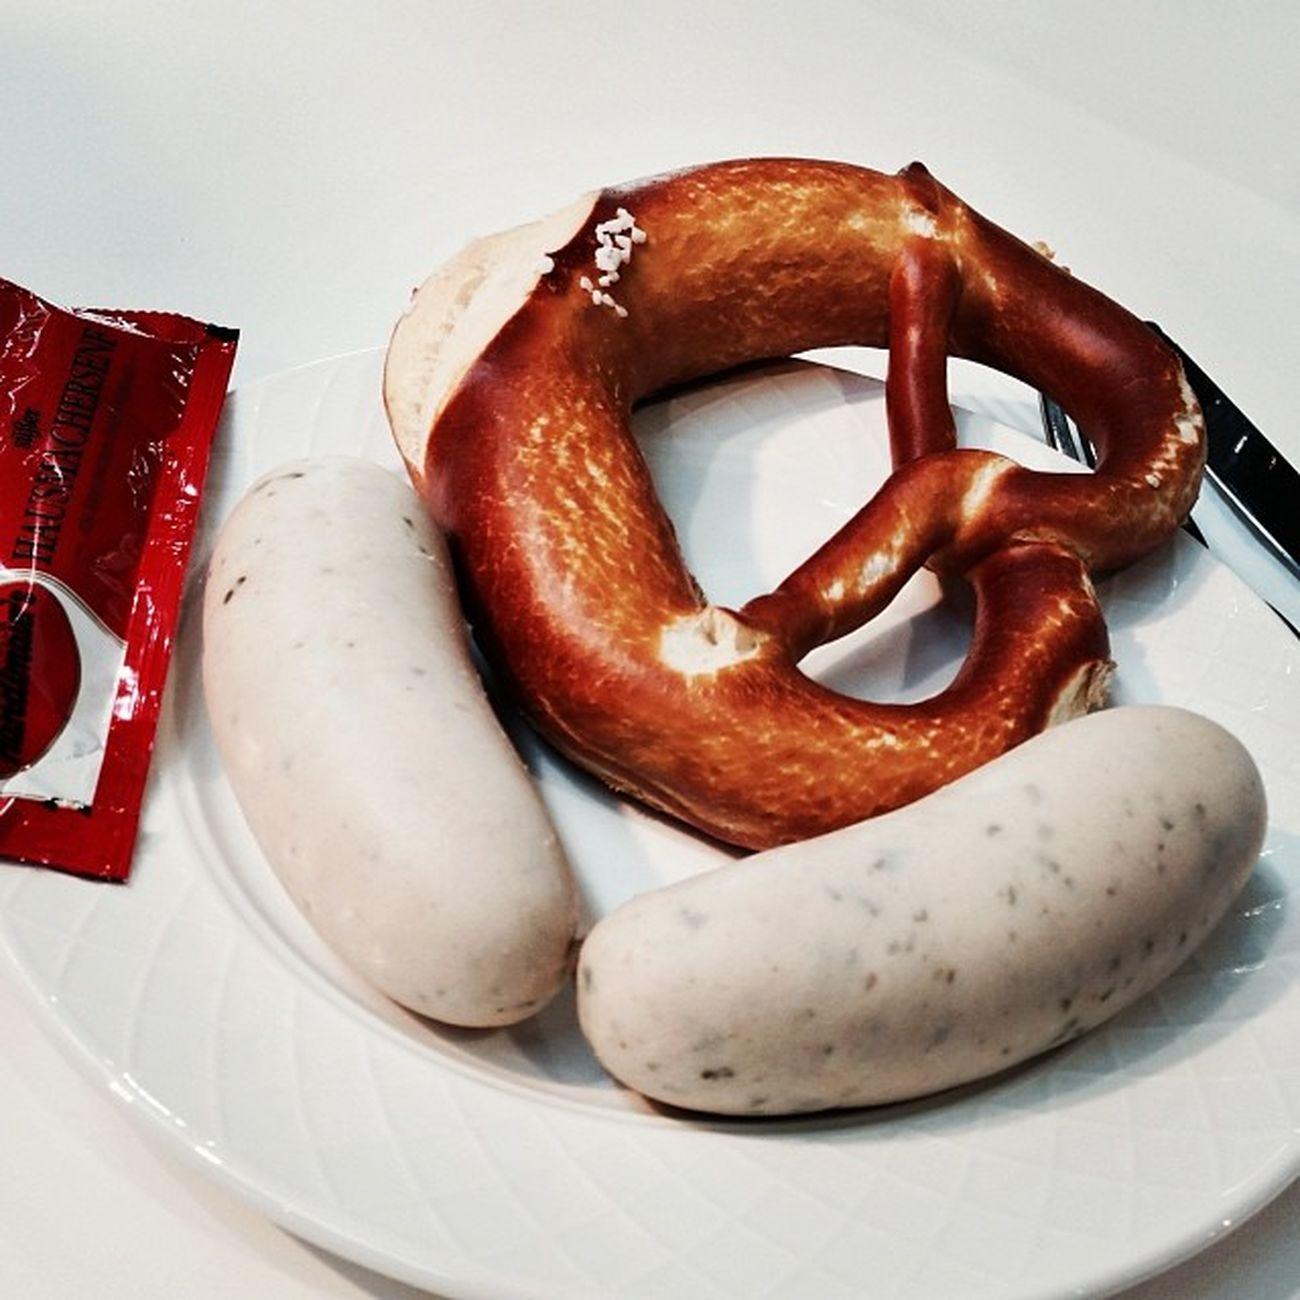 Spätes Weißwurstfrühstück... #cmt14 Cmt14